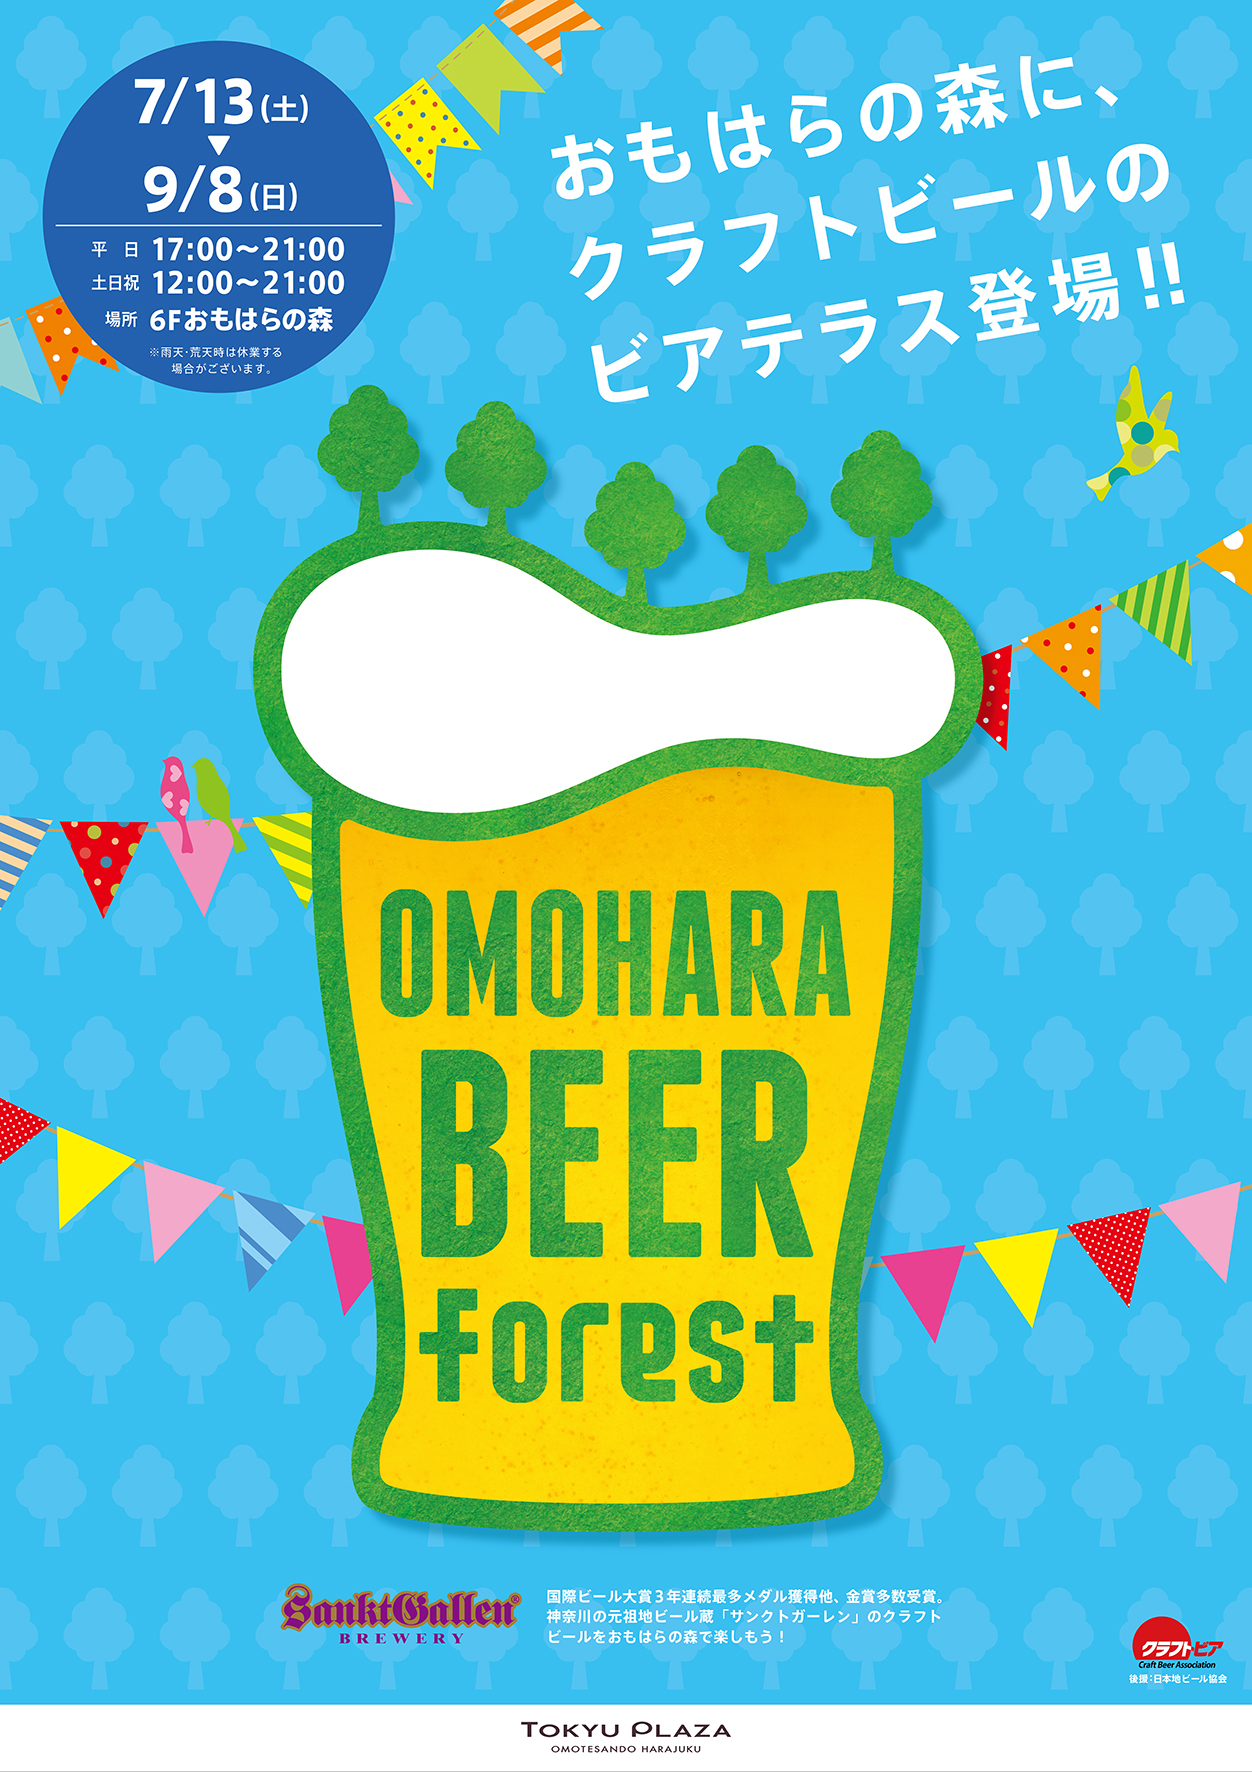 OMOHARA_BEER_FOREST_poster3 2